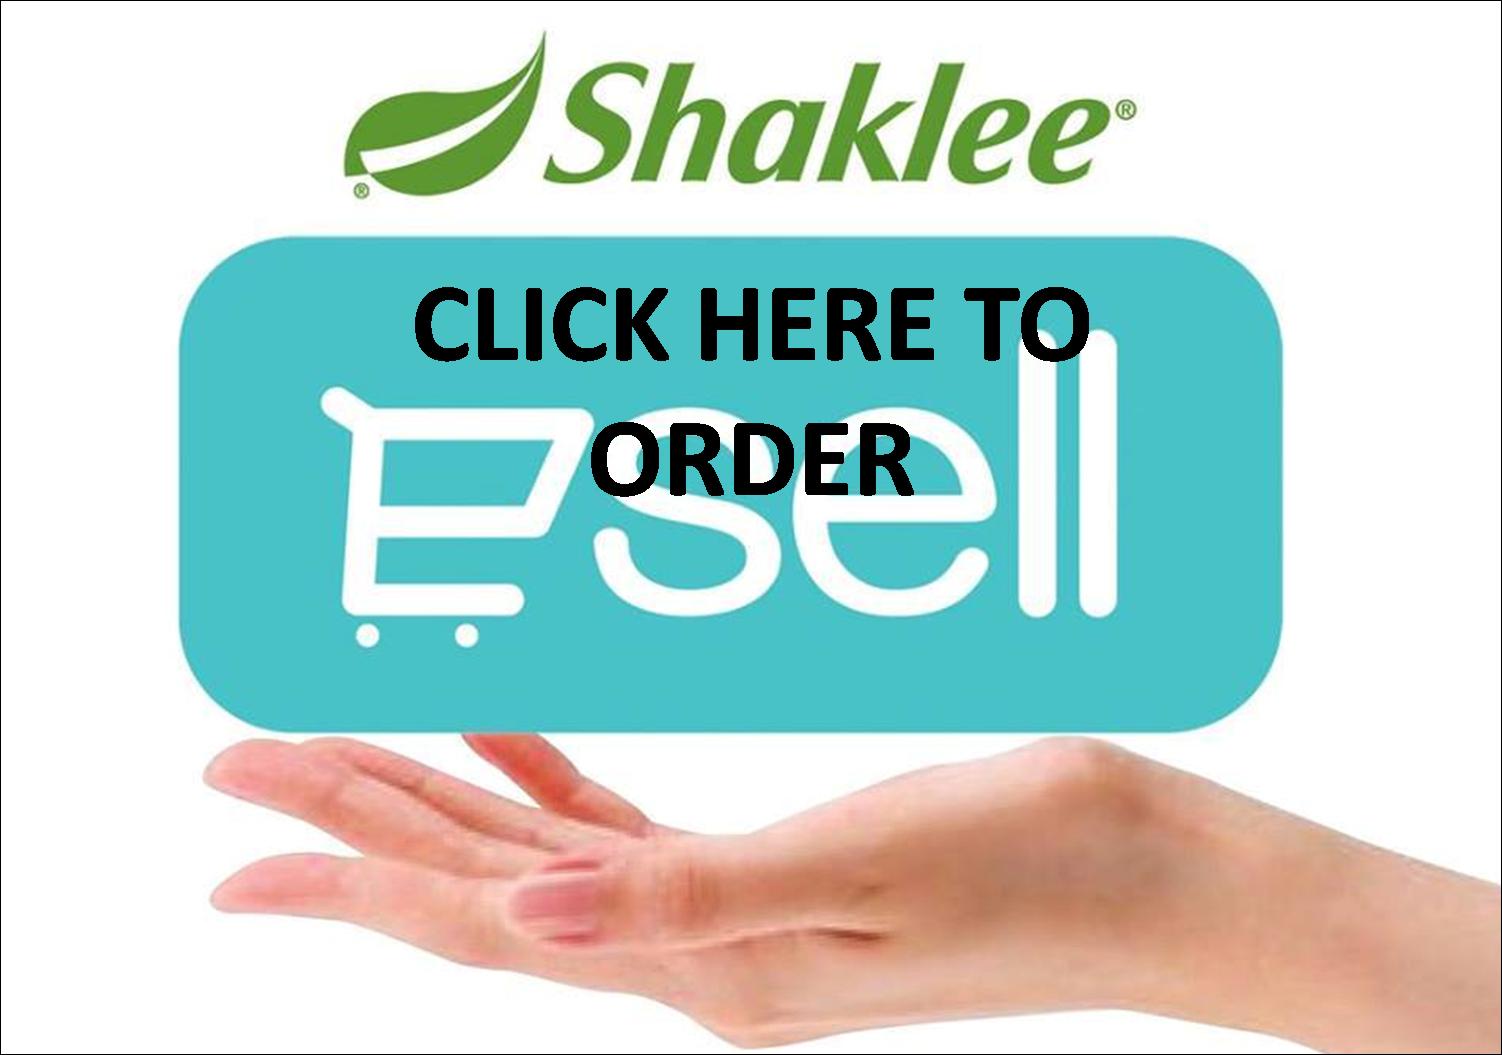 https://www.shaklee2u.com.my/widget/widget_agreement.php?session_id=&enc_widget_id=4fd16173b1e193820f5998c6b884a438